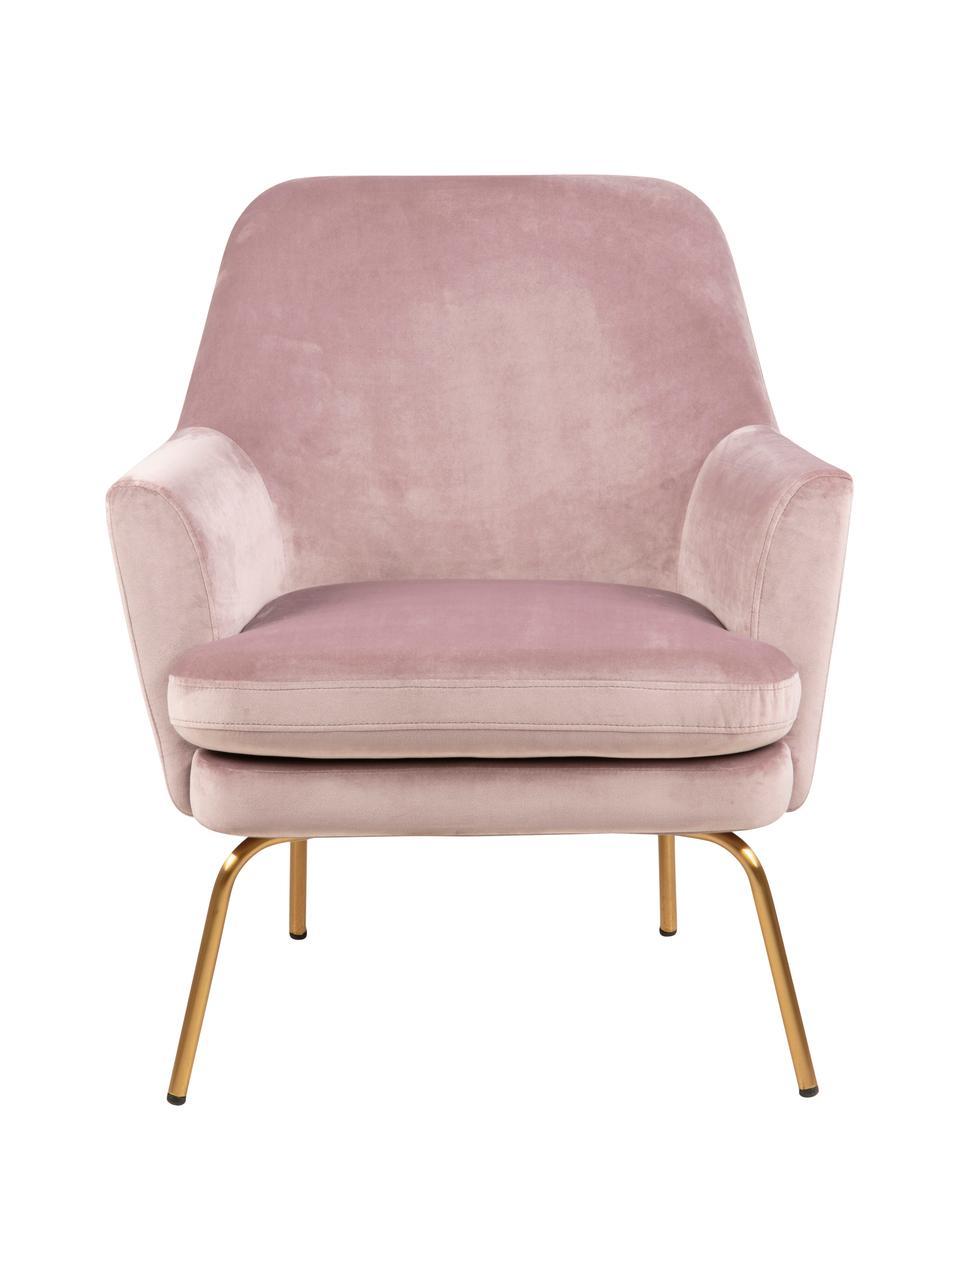 Poltrona in velluto rosa Chisa, Rivestimento: poliestere Con 25.000 cic, Gambe: metallo verniciato, Velluto rosa, Larg. 68 x Prof. 73 cm